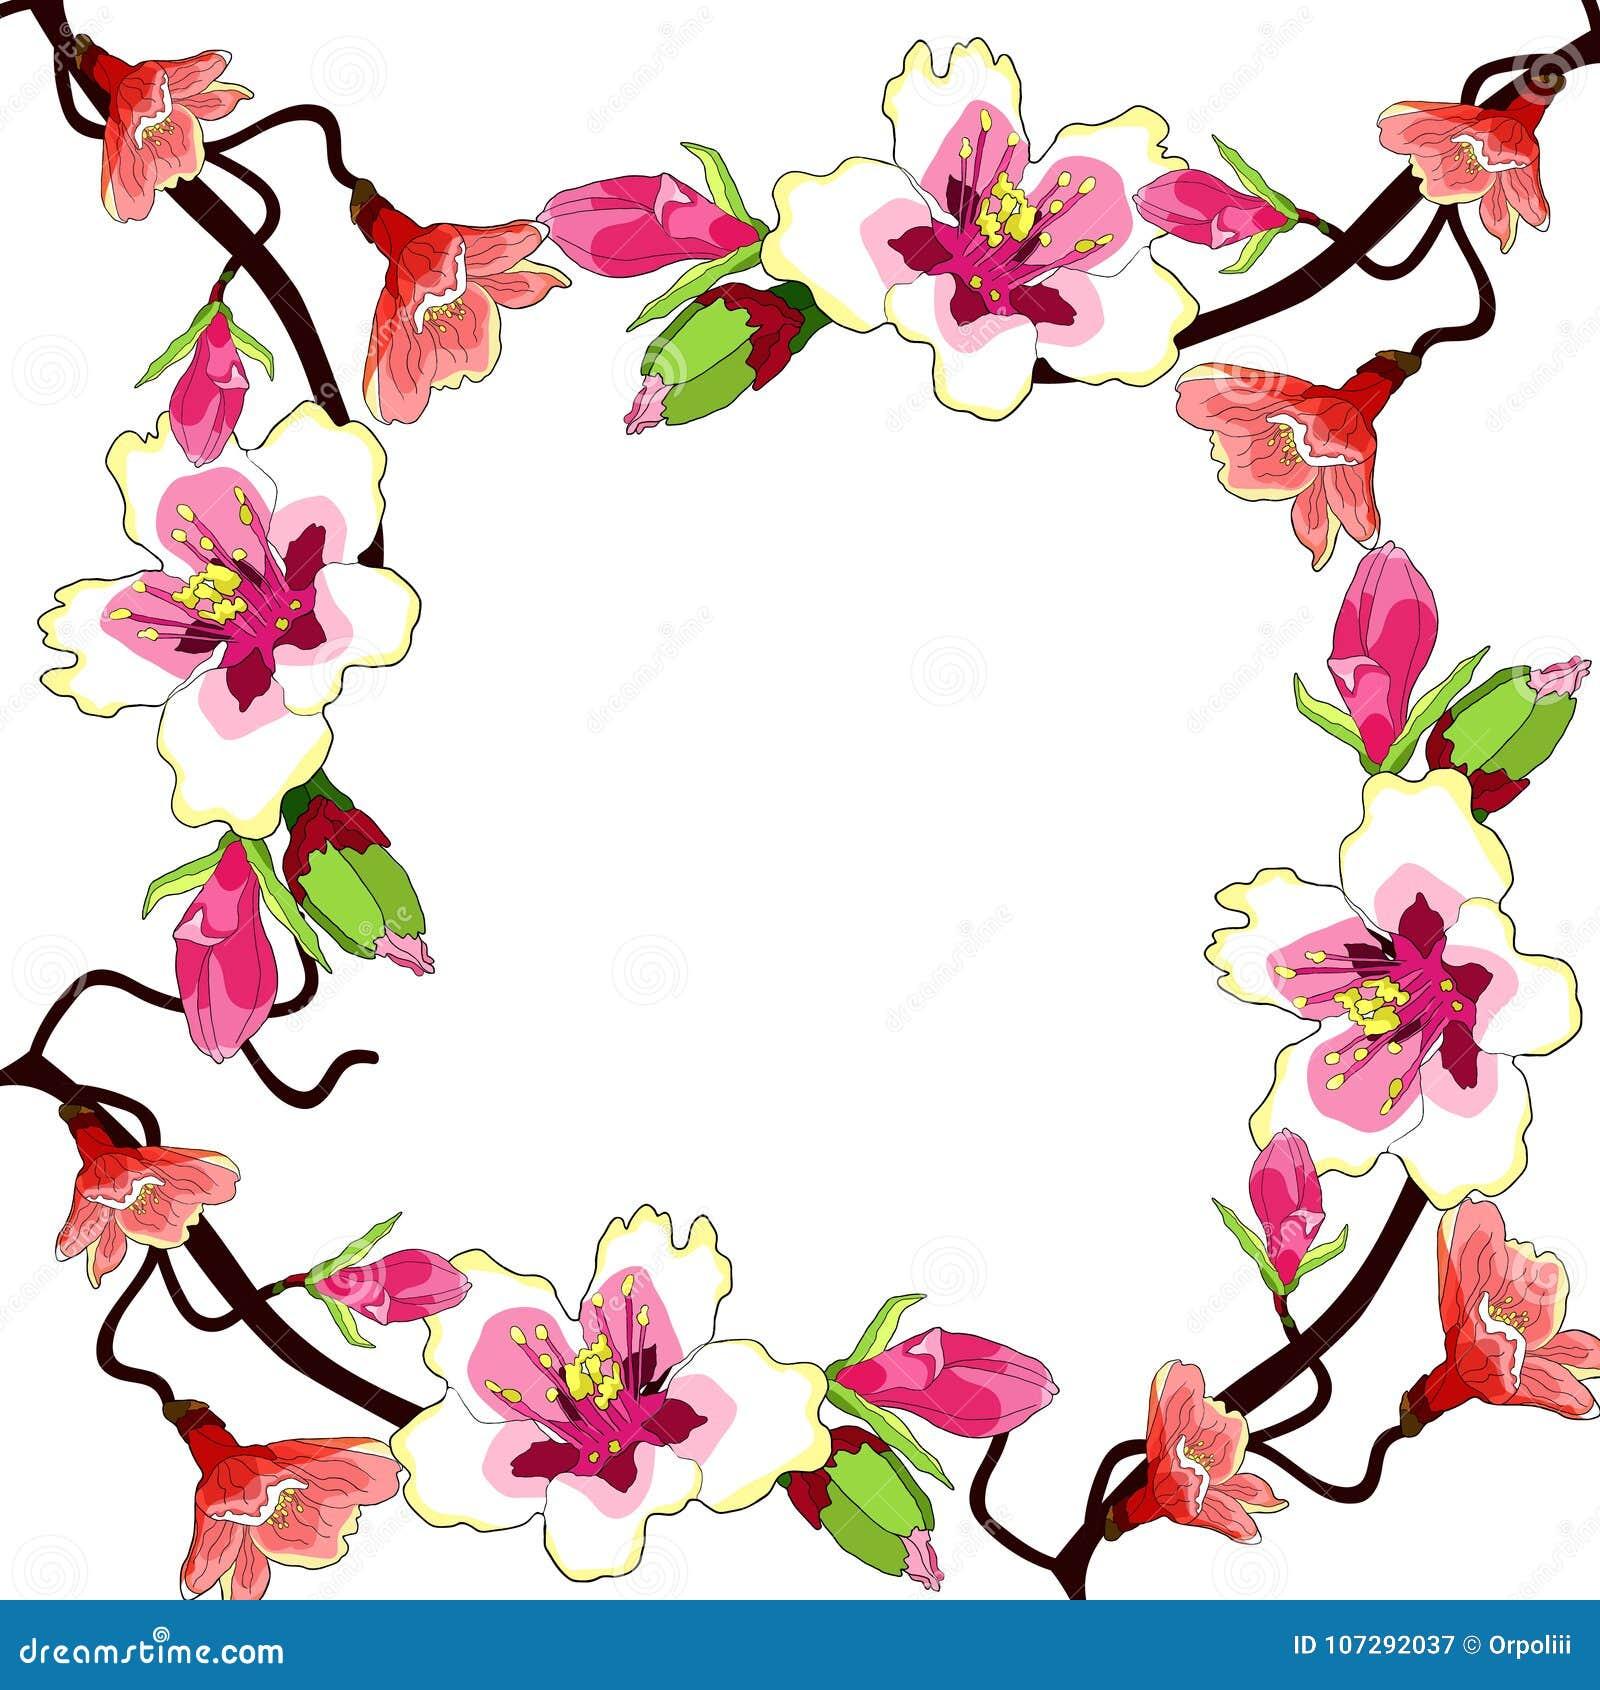 De takbloem van de amandel komt een noot vectorillustratie tot bloei